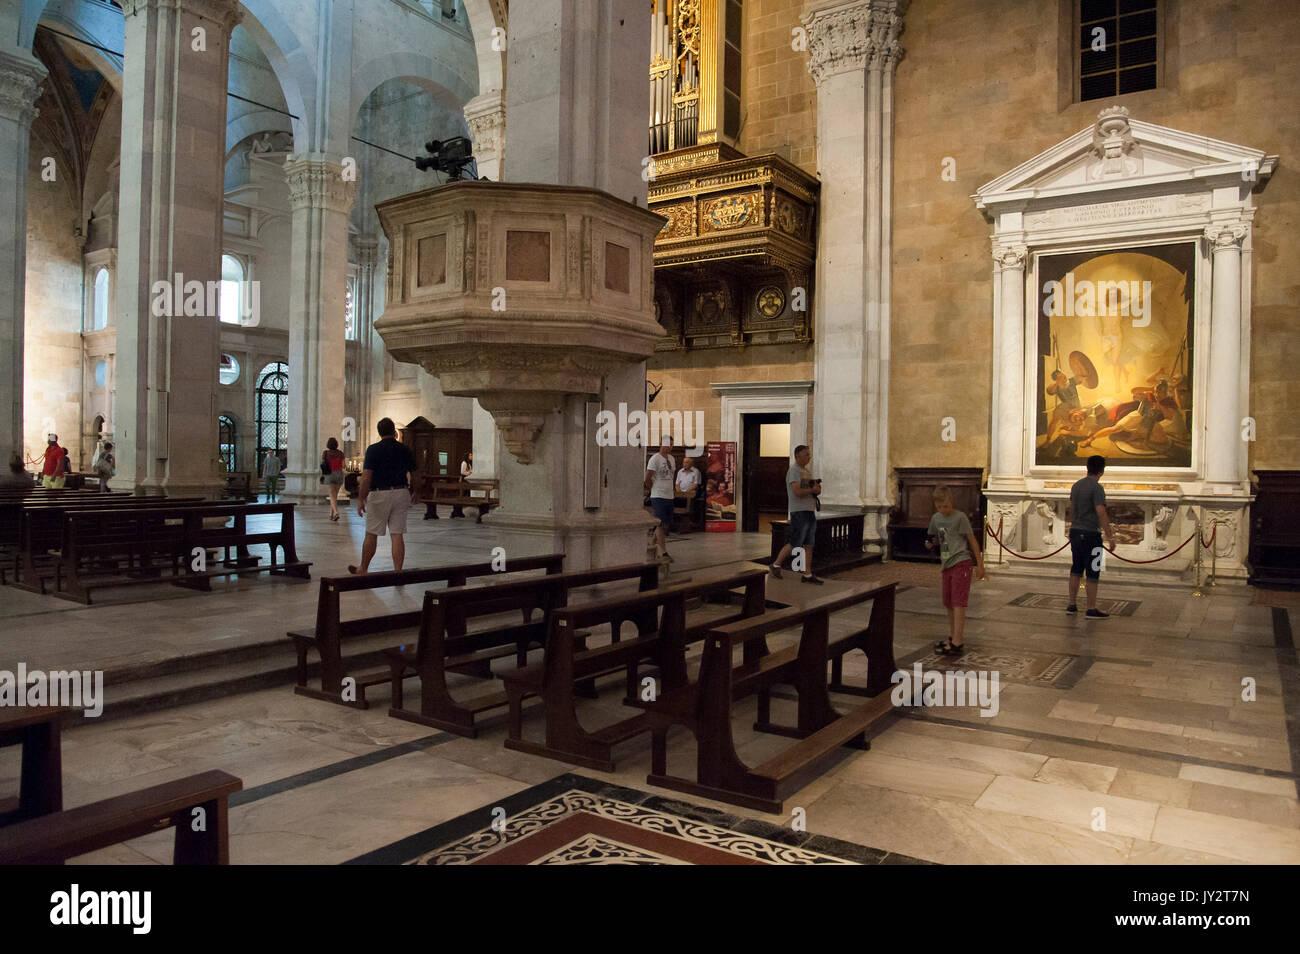 Interno Della Cattedrale Di Lucca Immagini E Fotos Stock Alamy